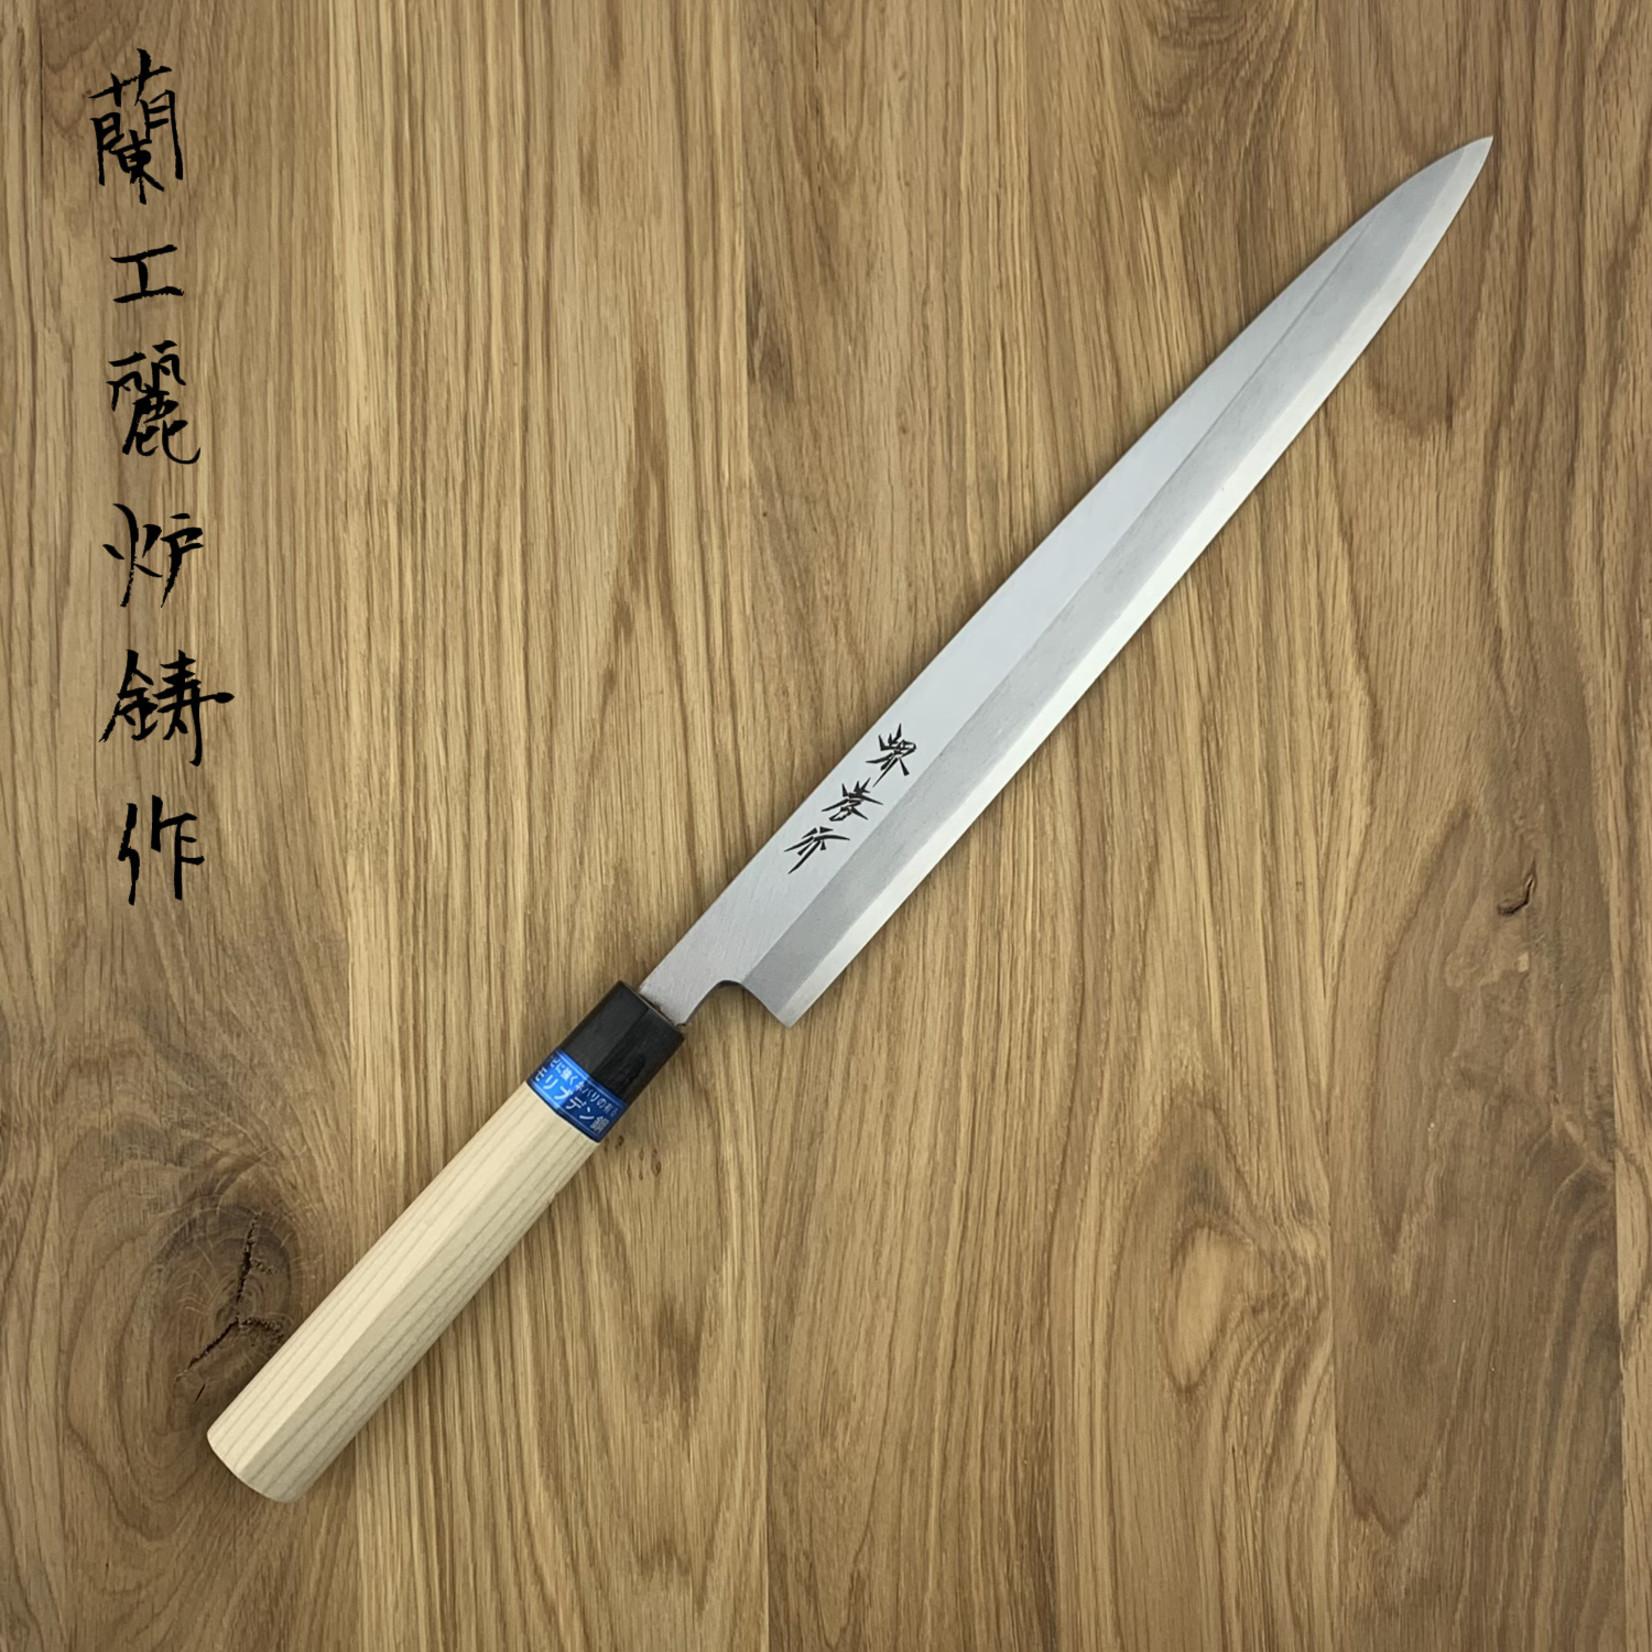 SAKAI TAKAYUKI Yanagiba 300 mm Inox 04305